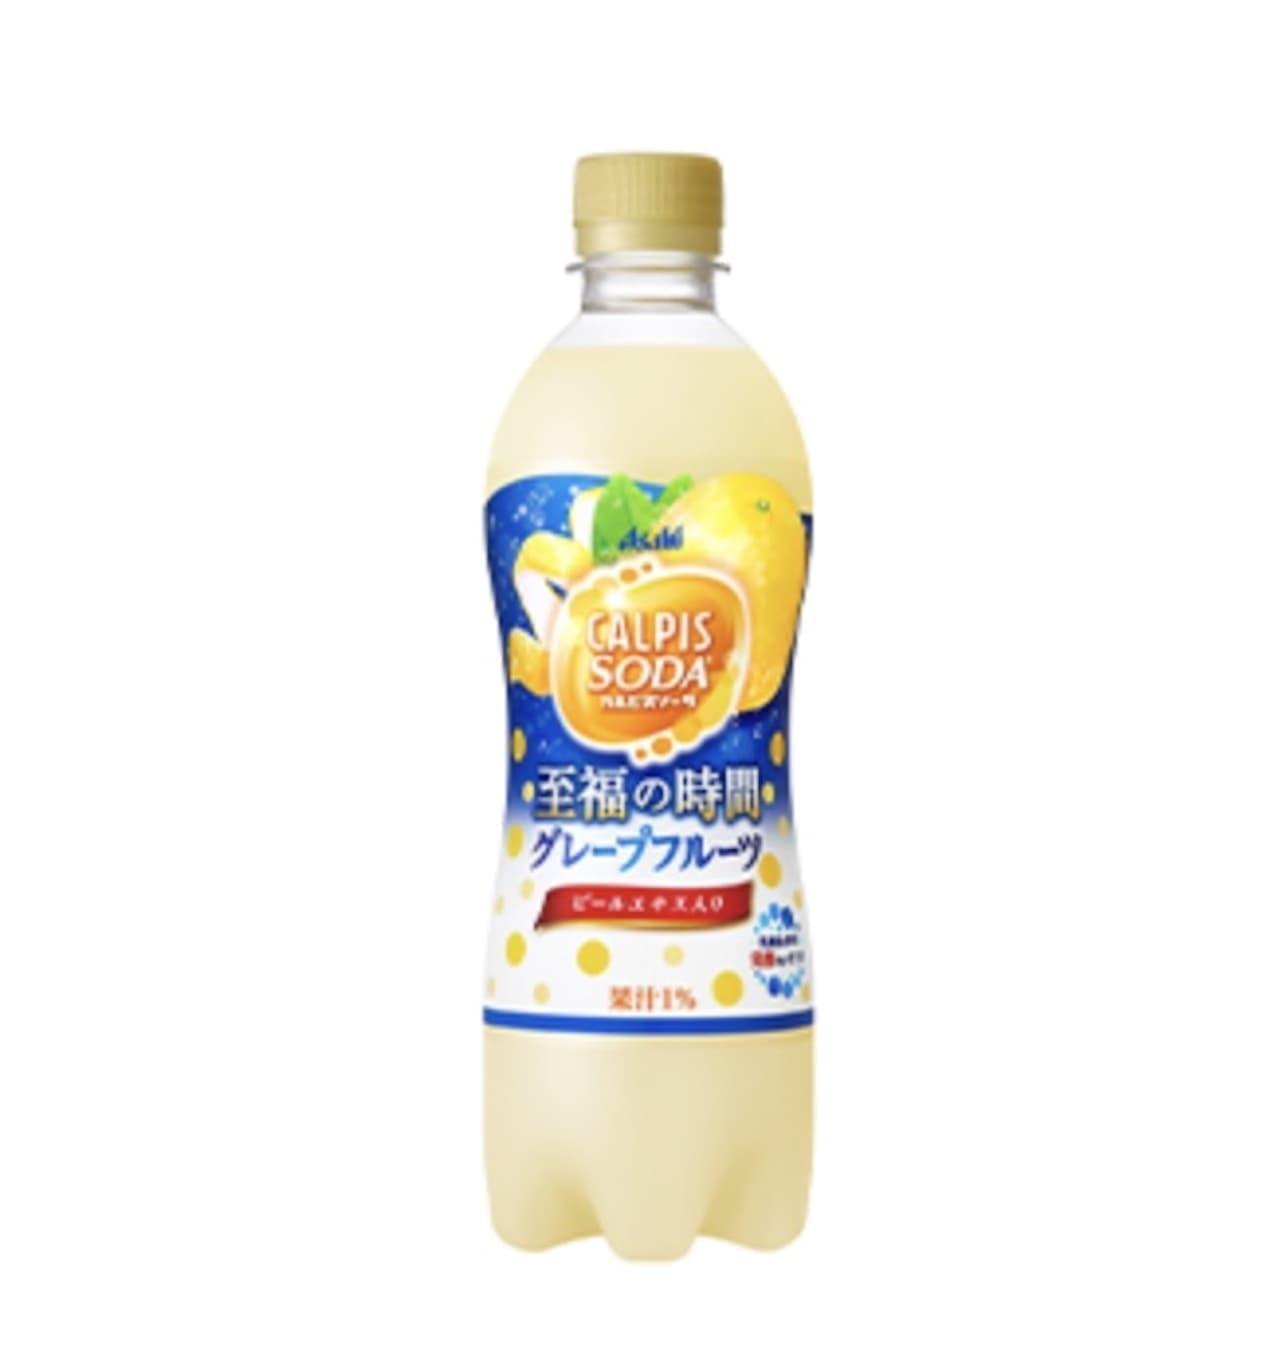 アサヒ飲料「カルピスソーダ 至福の時間グレープフルーツ」